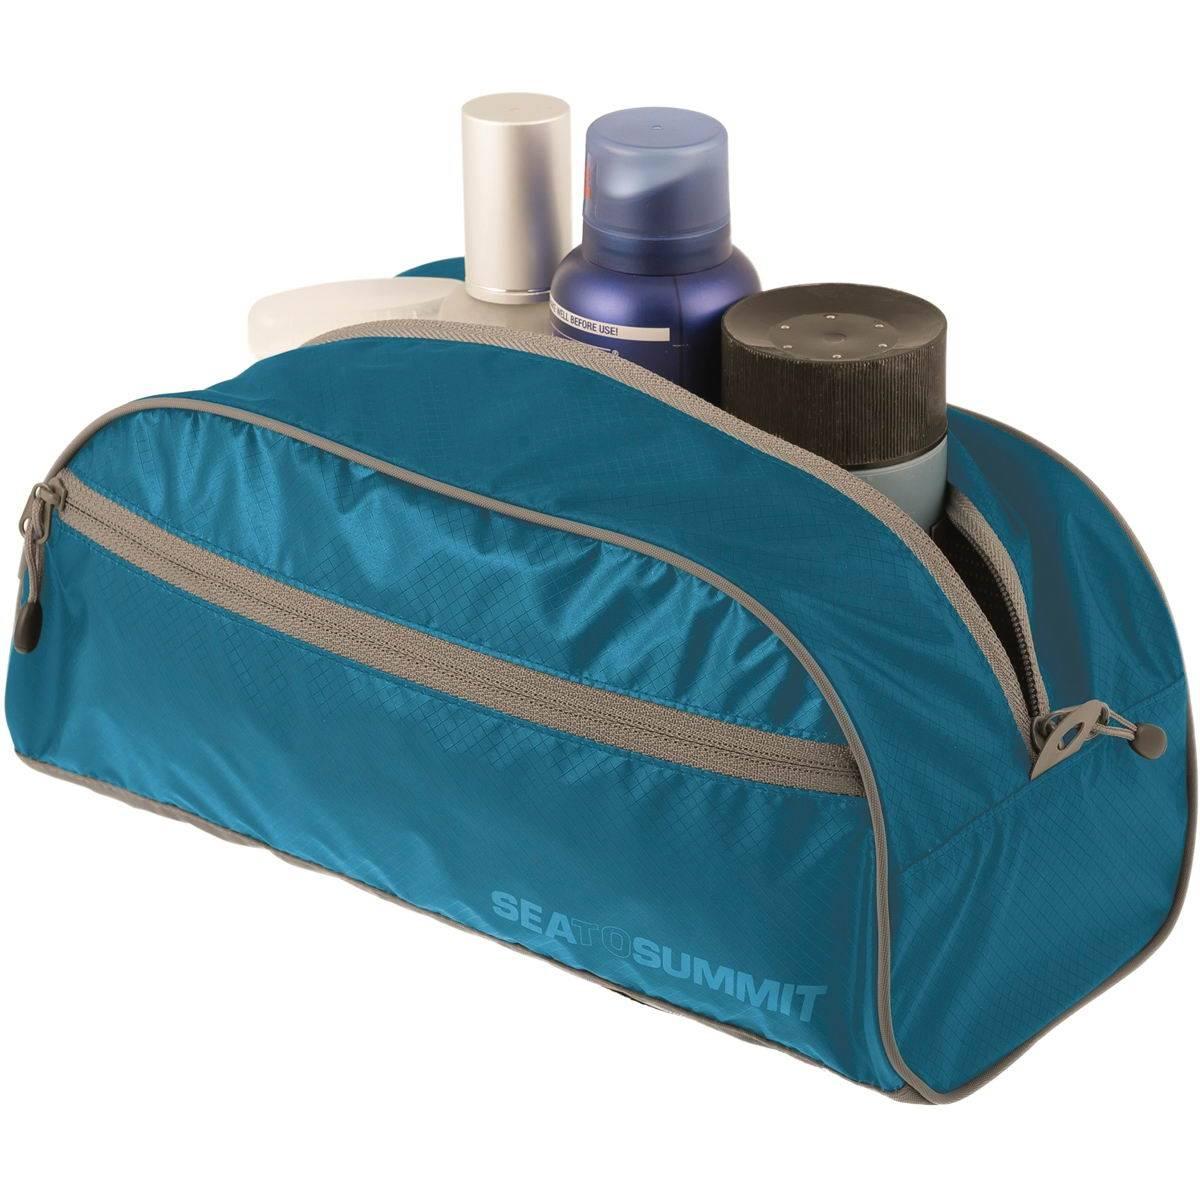 Sea to Summit TravellingLight Toiletry Bag L - Kulturbeutel blue-grey - Bild 1